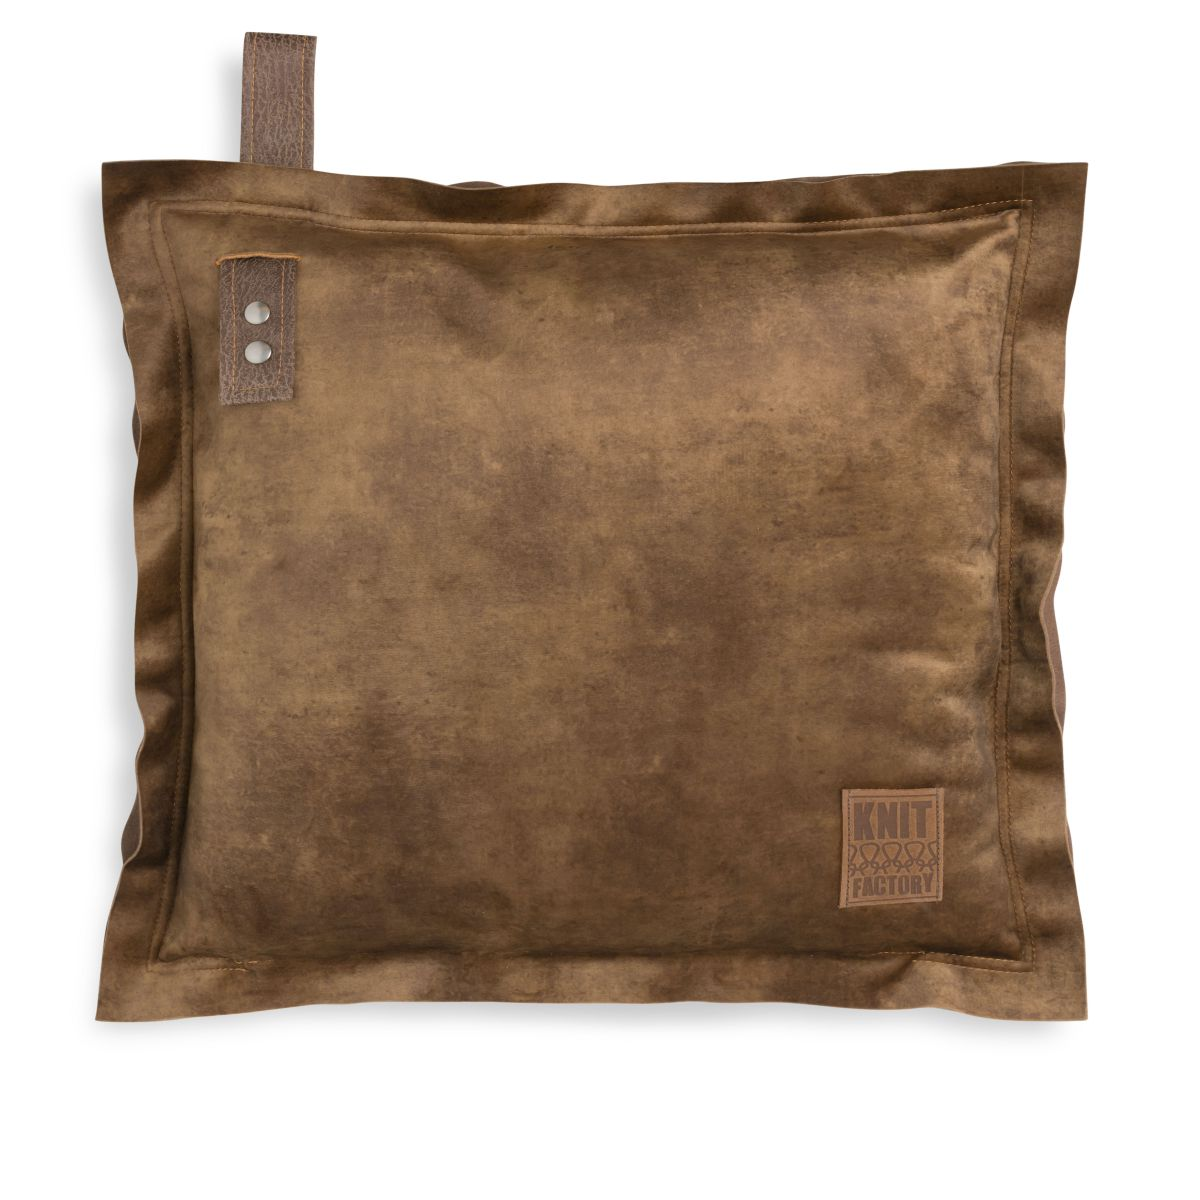 dax cushion new camel 50x50